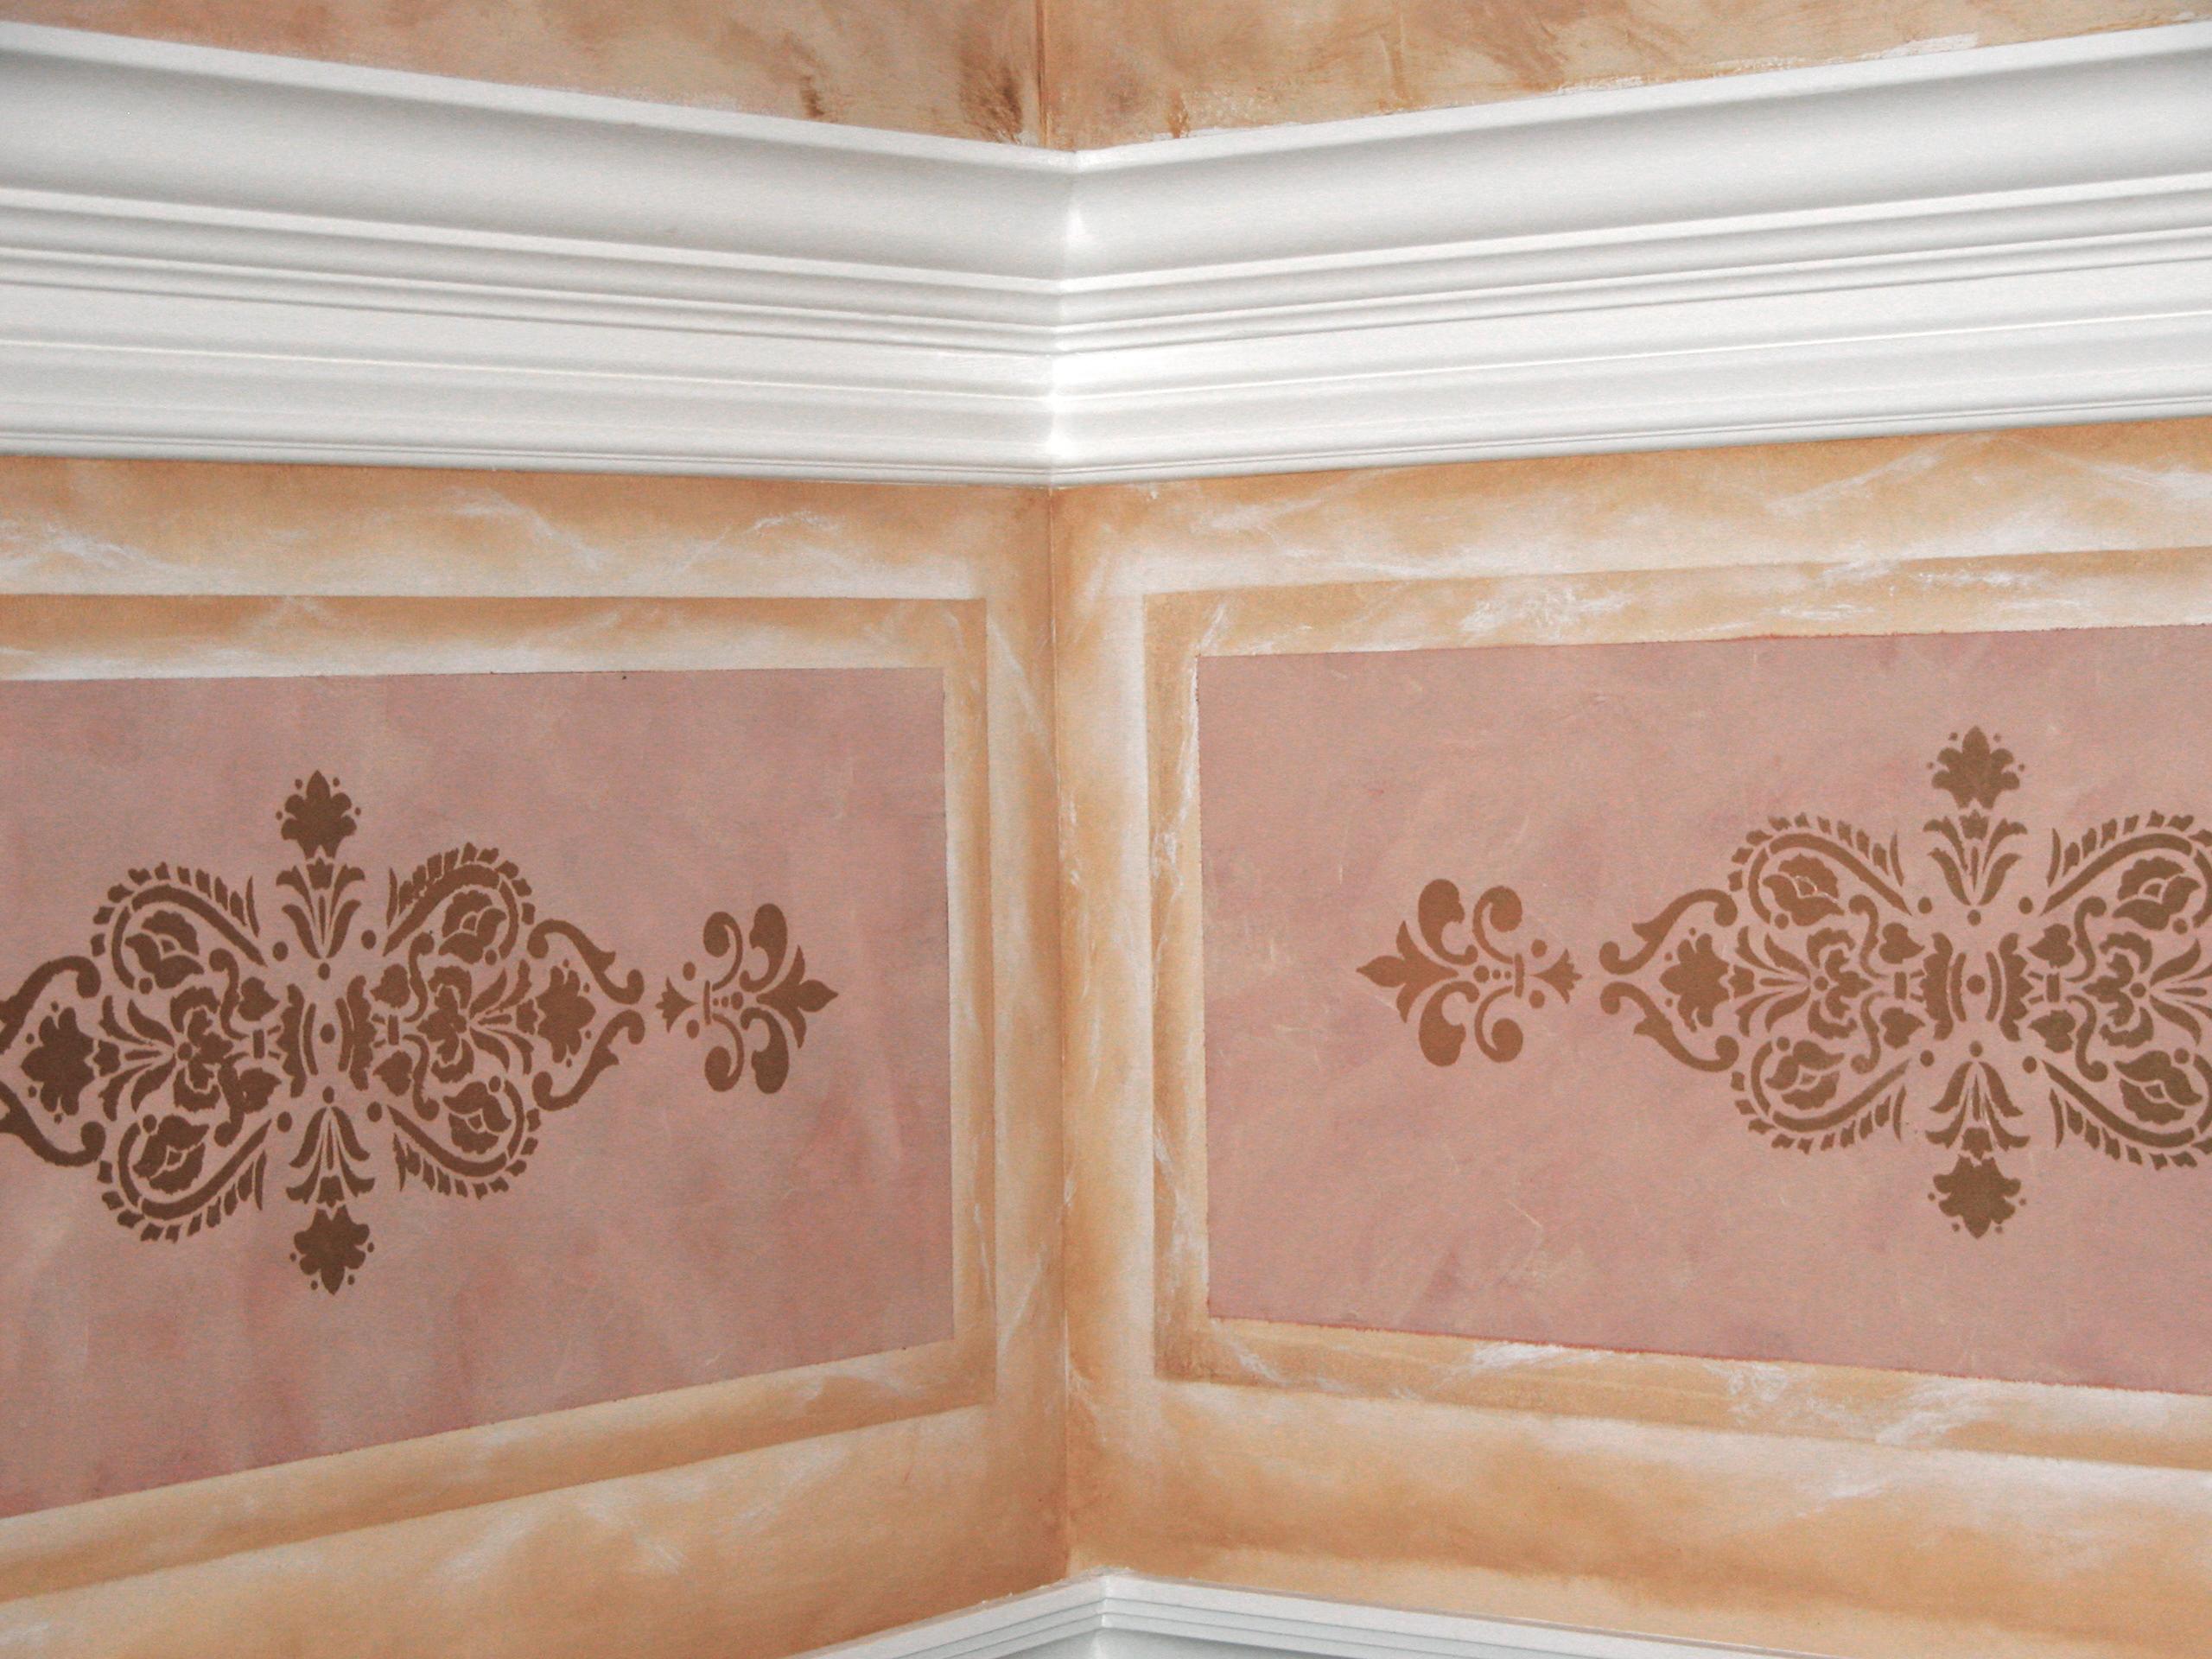 Mural Ceiling Design Essex Fells Nj